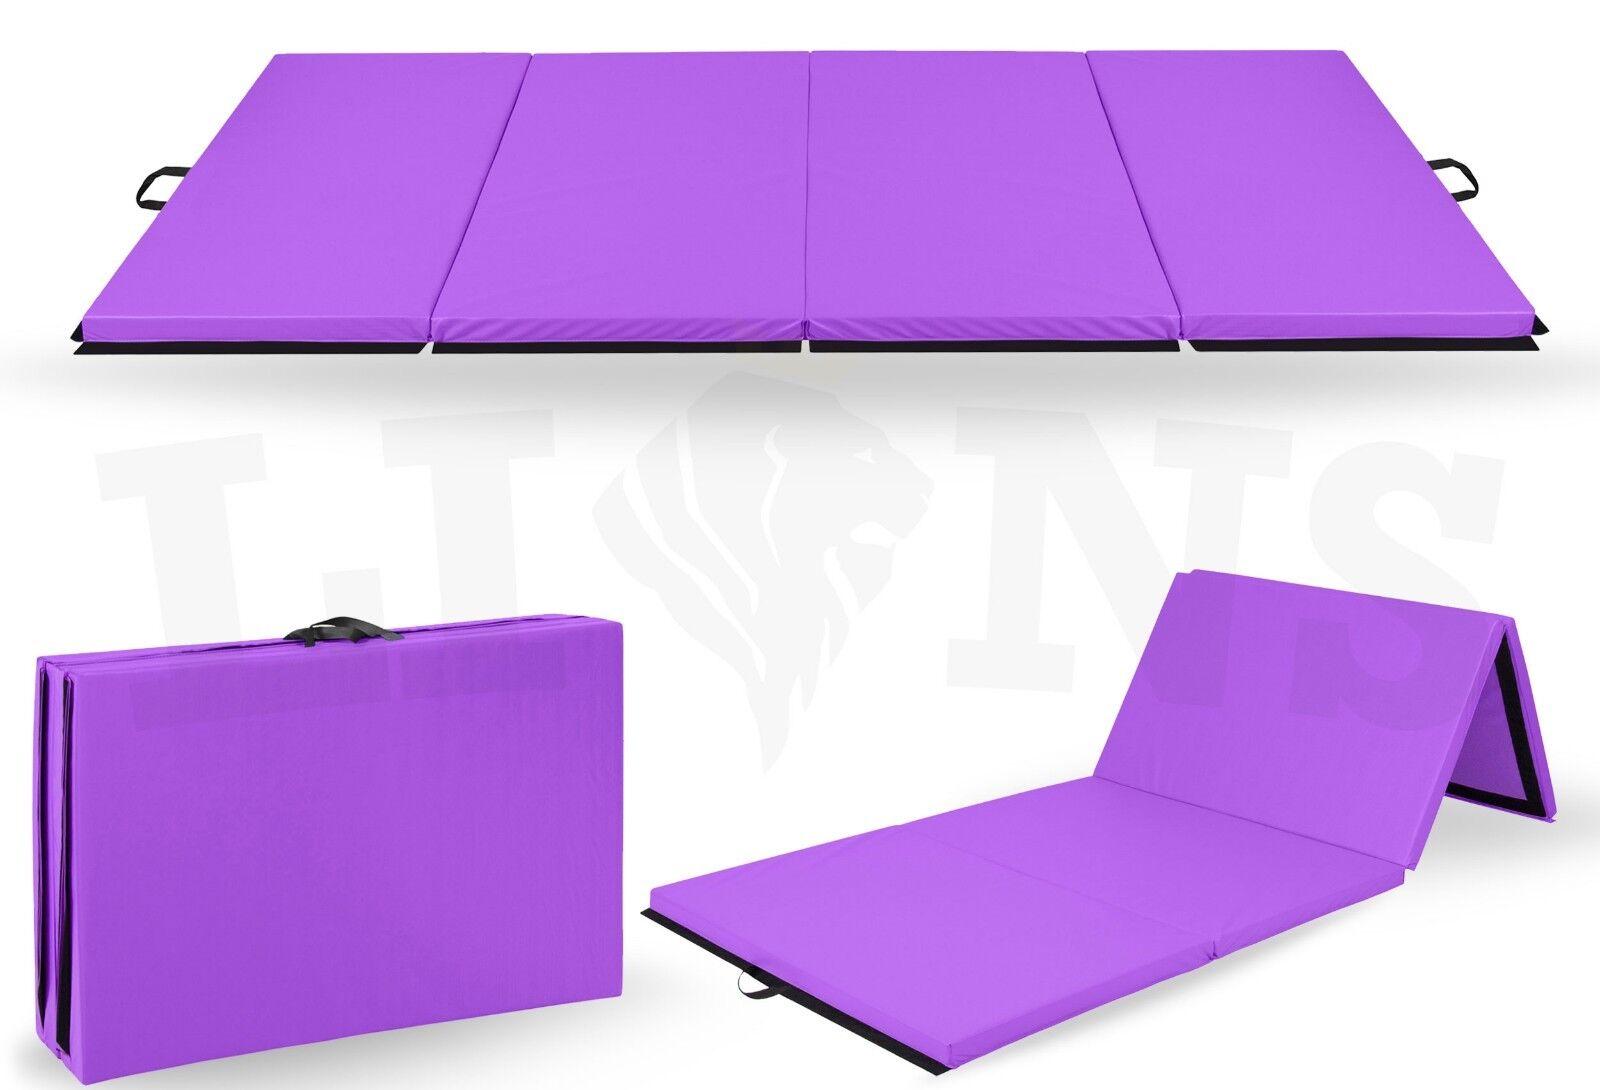 Tri quatre pliable tapis 6 ft (environ 1.83 m) 8 FT (environ 2.44 m) Yoga Gymnastique Exercice Formation Crash Pilate Mat